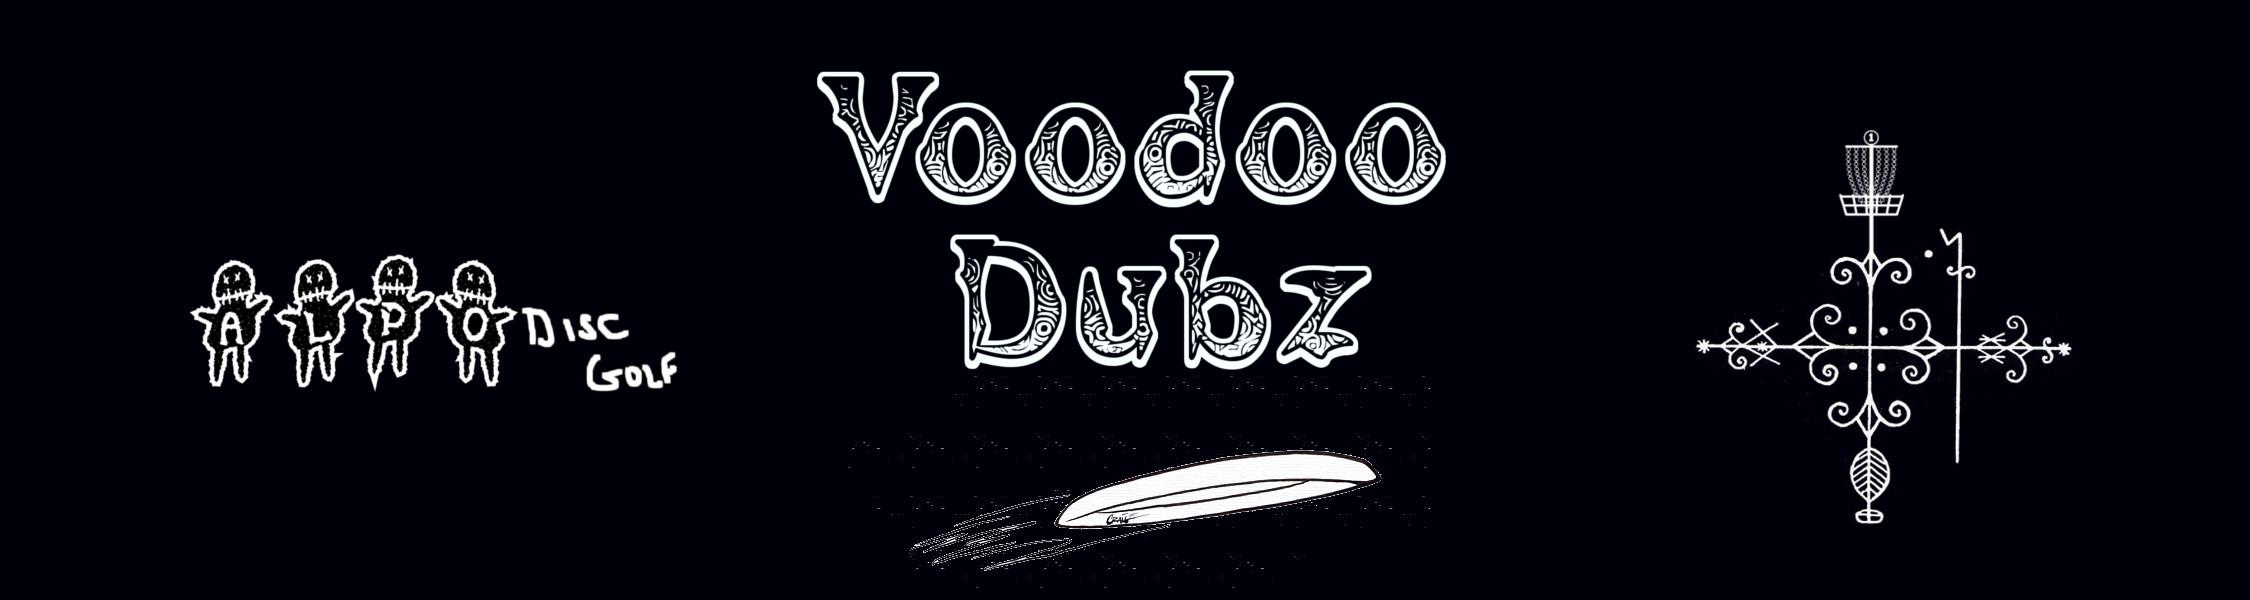 VooDoobanner